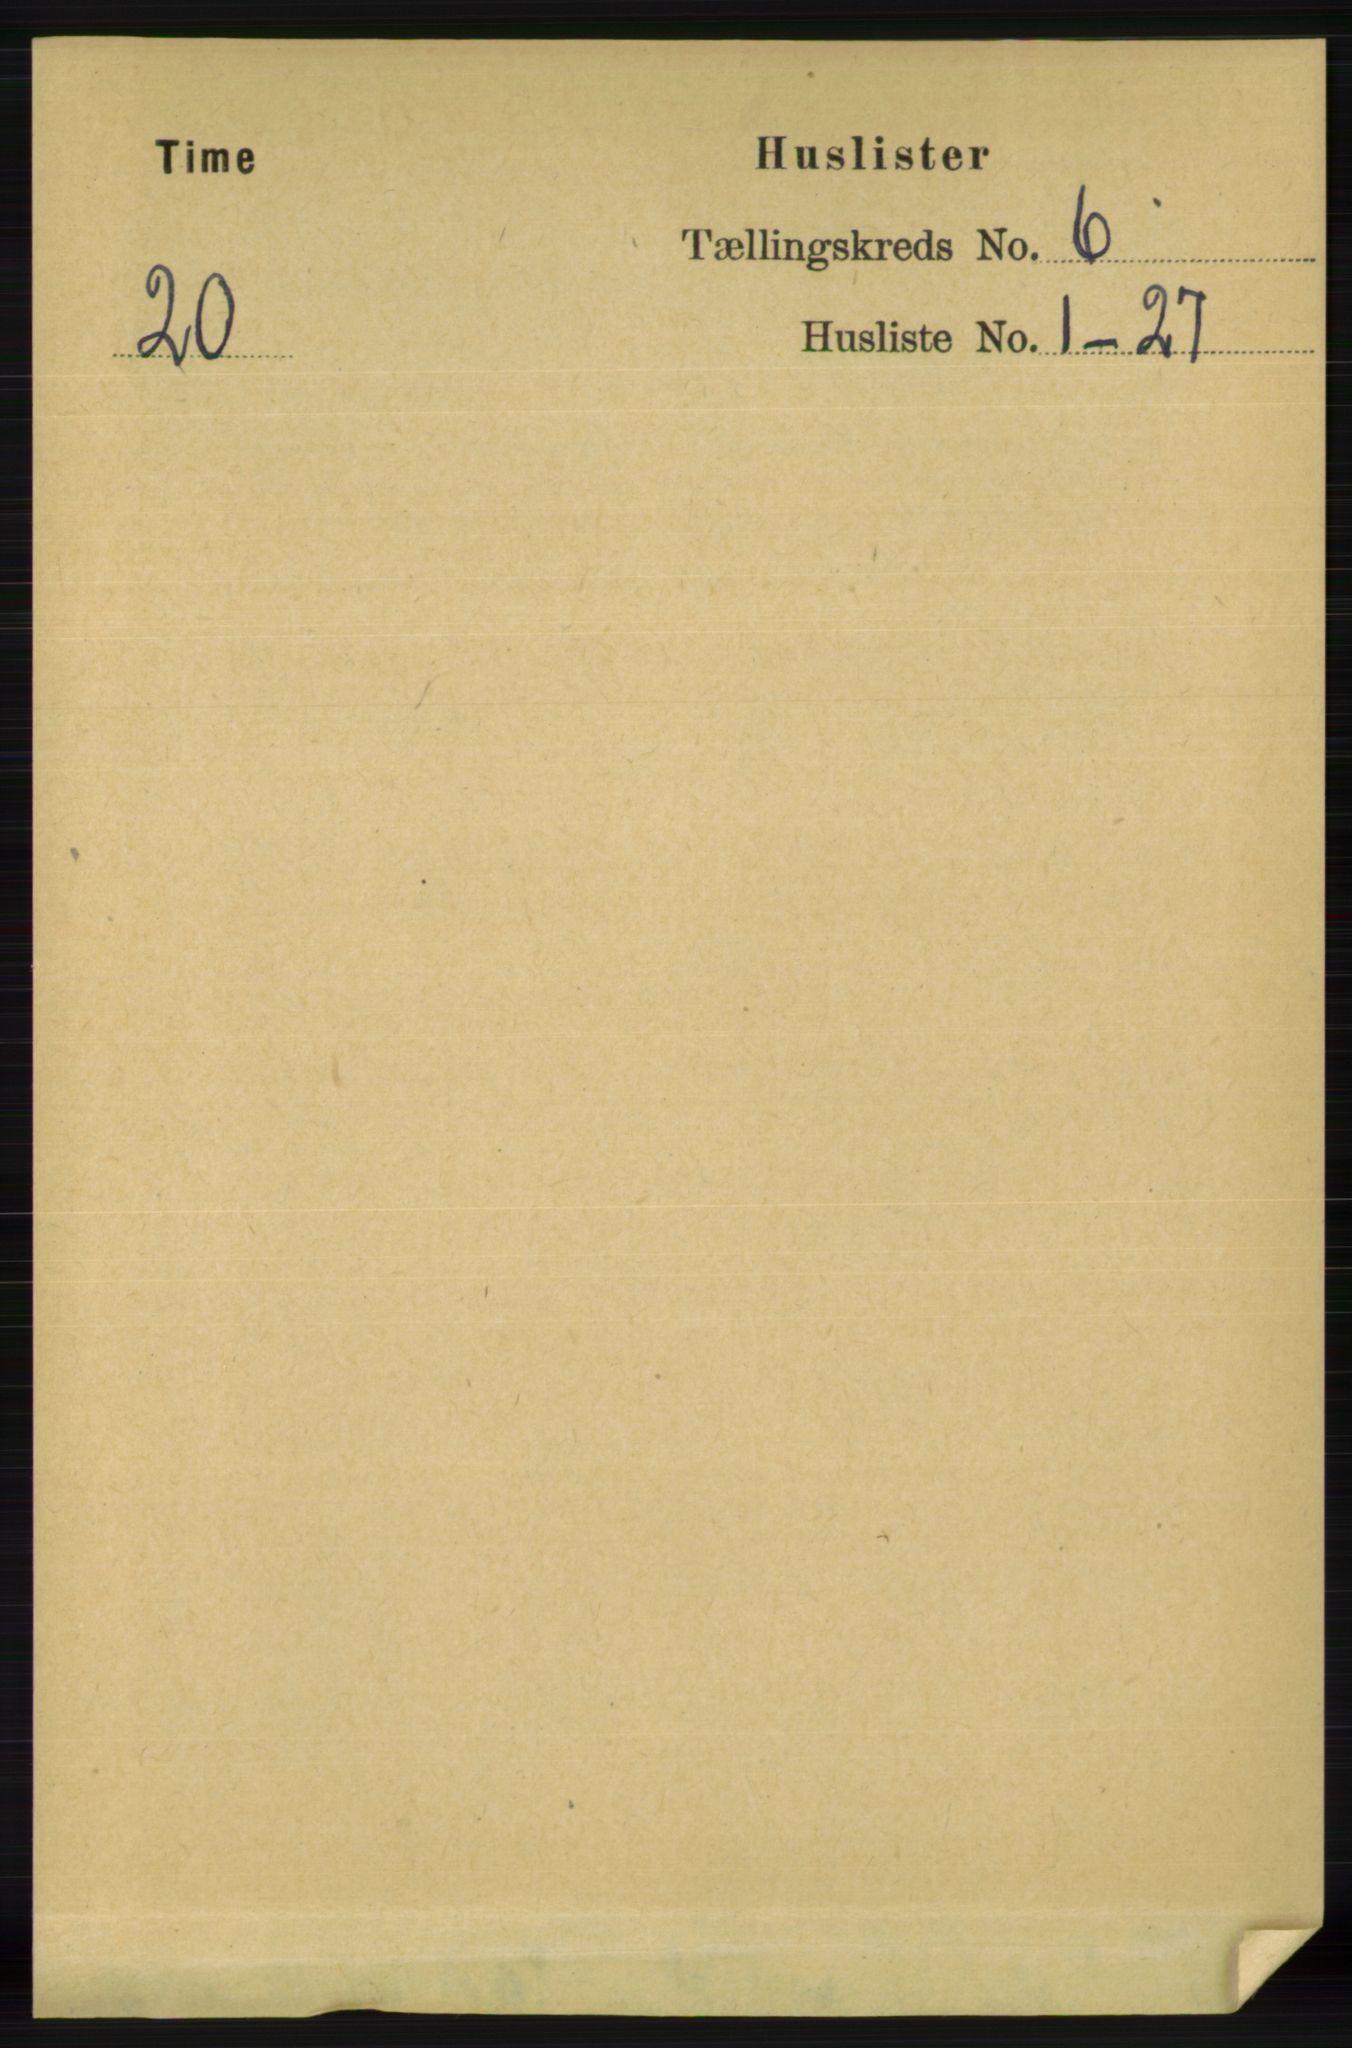 RA, Folketelling 1891 for 1121 Time herred, 1891, s. 2347